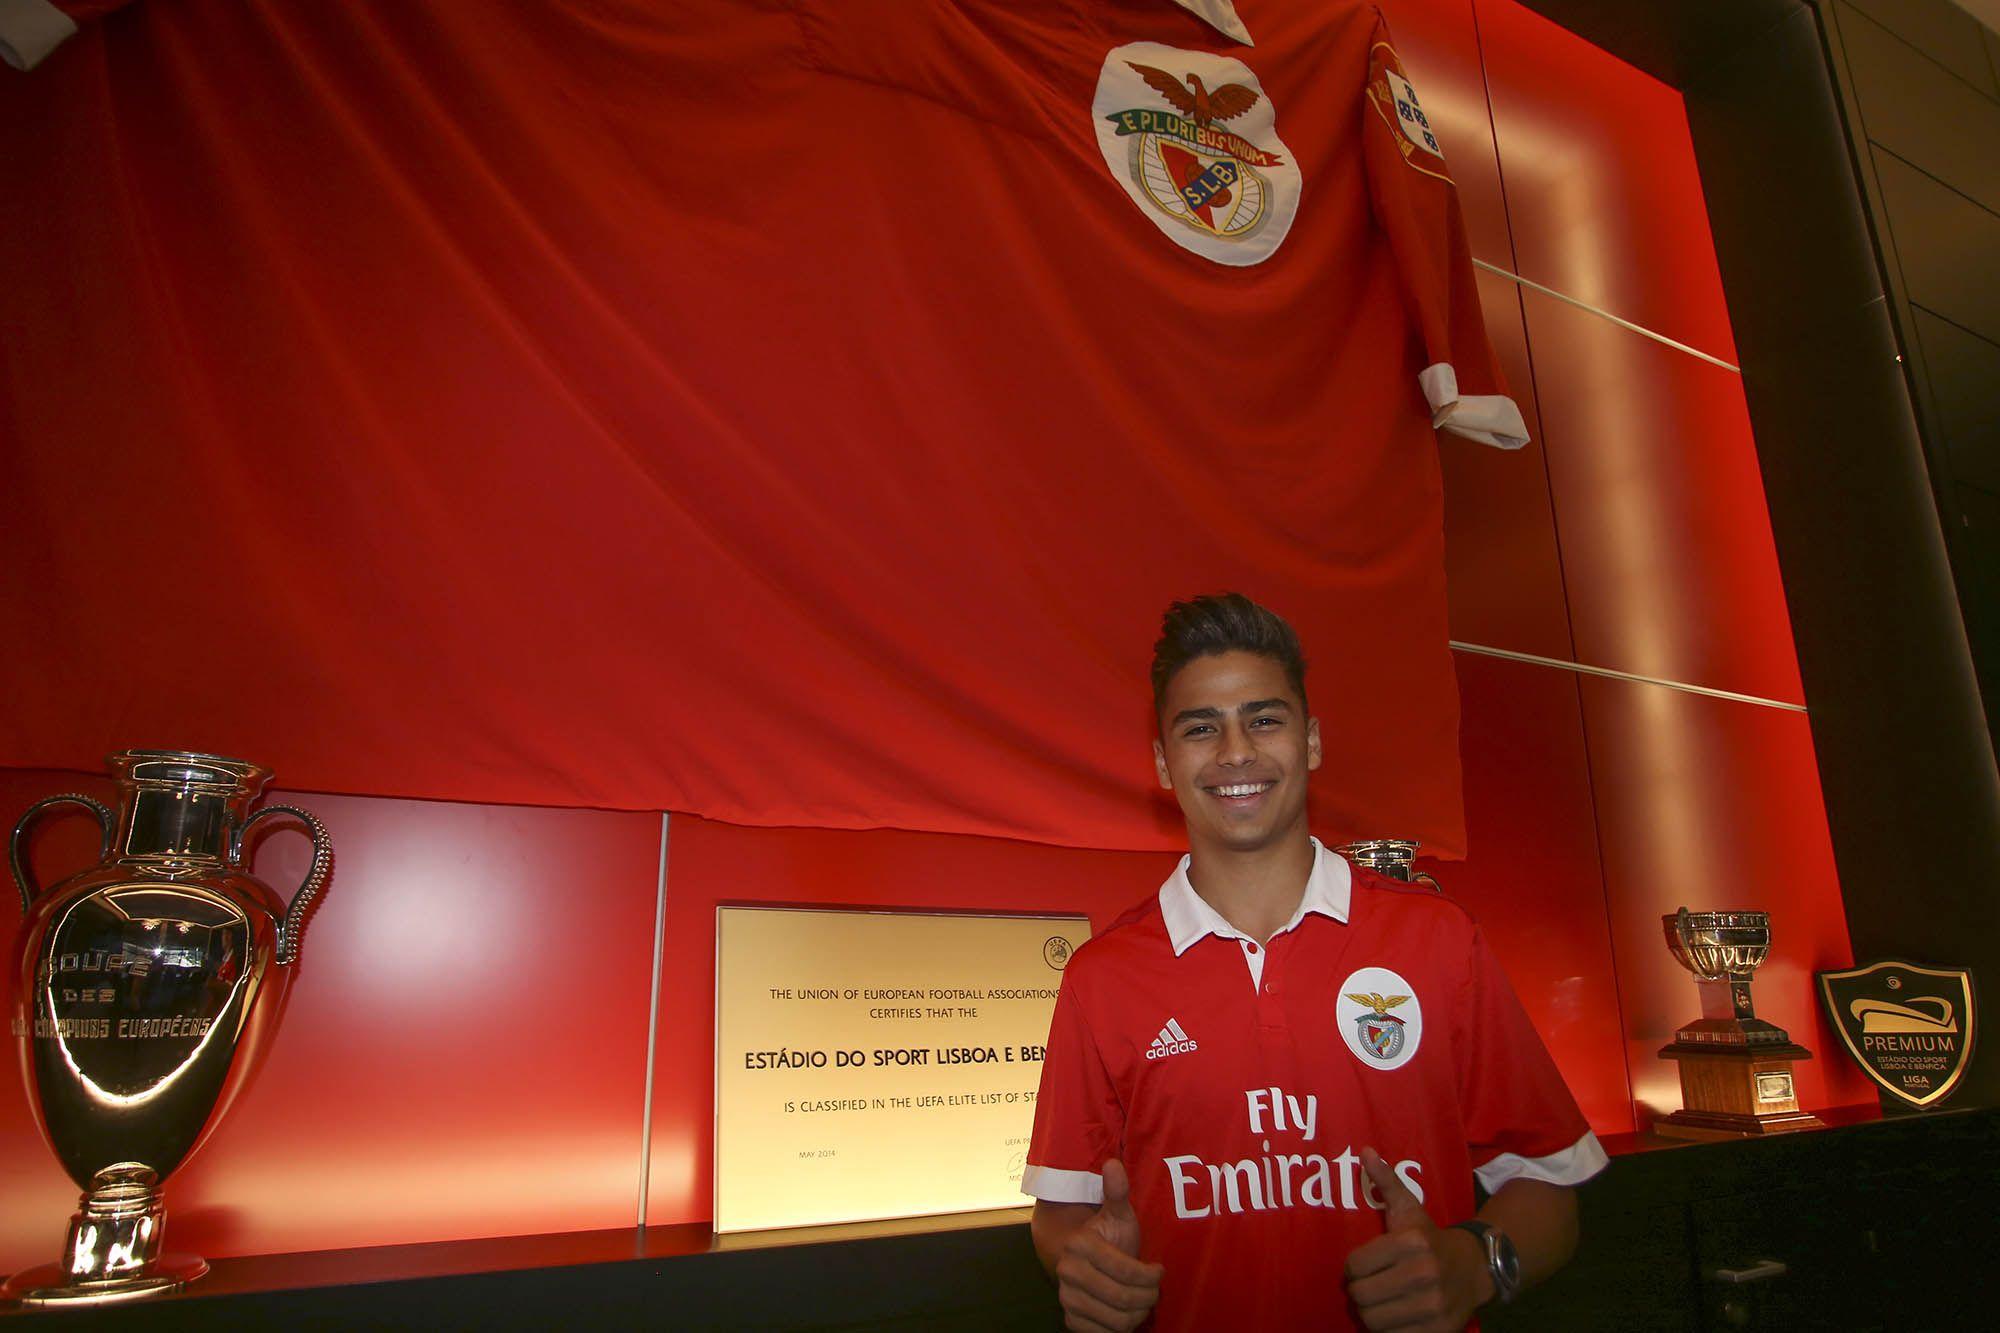 Benfica tiene otro mexicano, el equipo portugués fichó a este defensa azteca